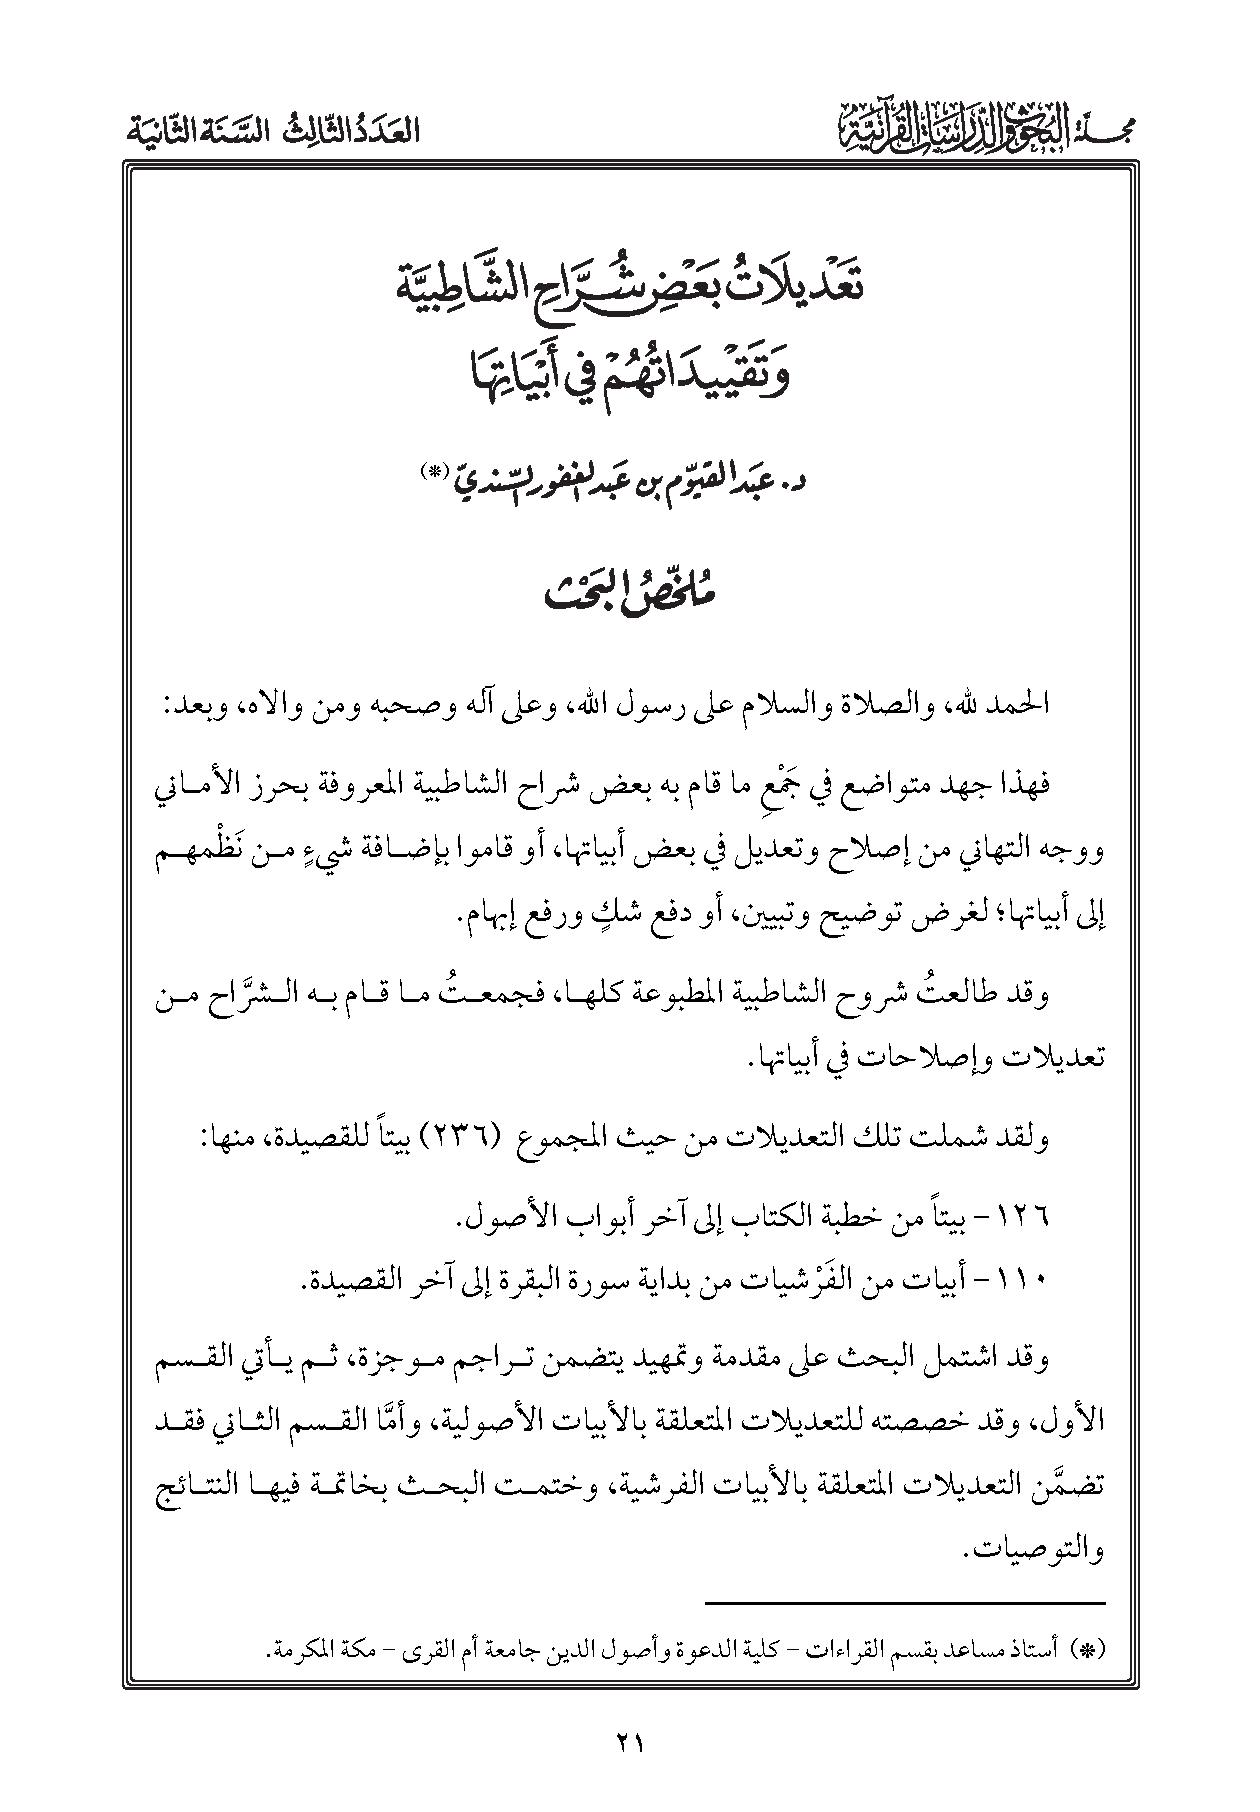 تحميل كتاب تعديلات بعض شُراح الشاطبية وتقييداتهم في أبياتها لـِ: الدكتور عبد القيوم بن عبد الغفور بن قمر الدين السندي